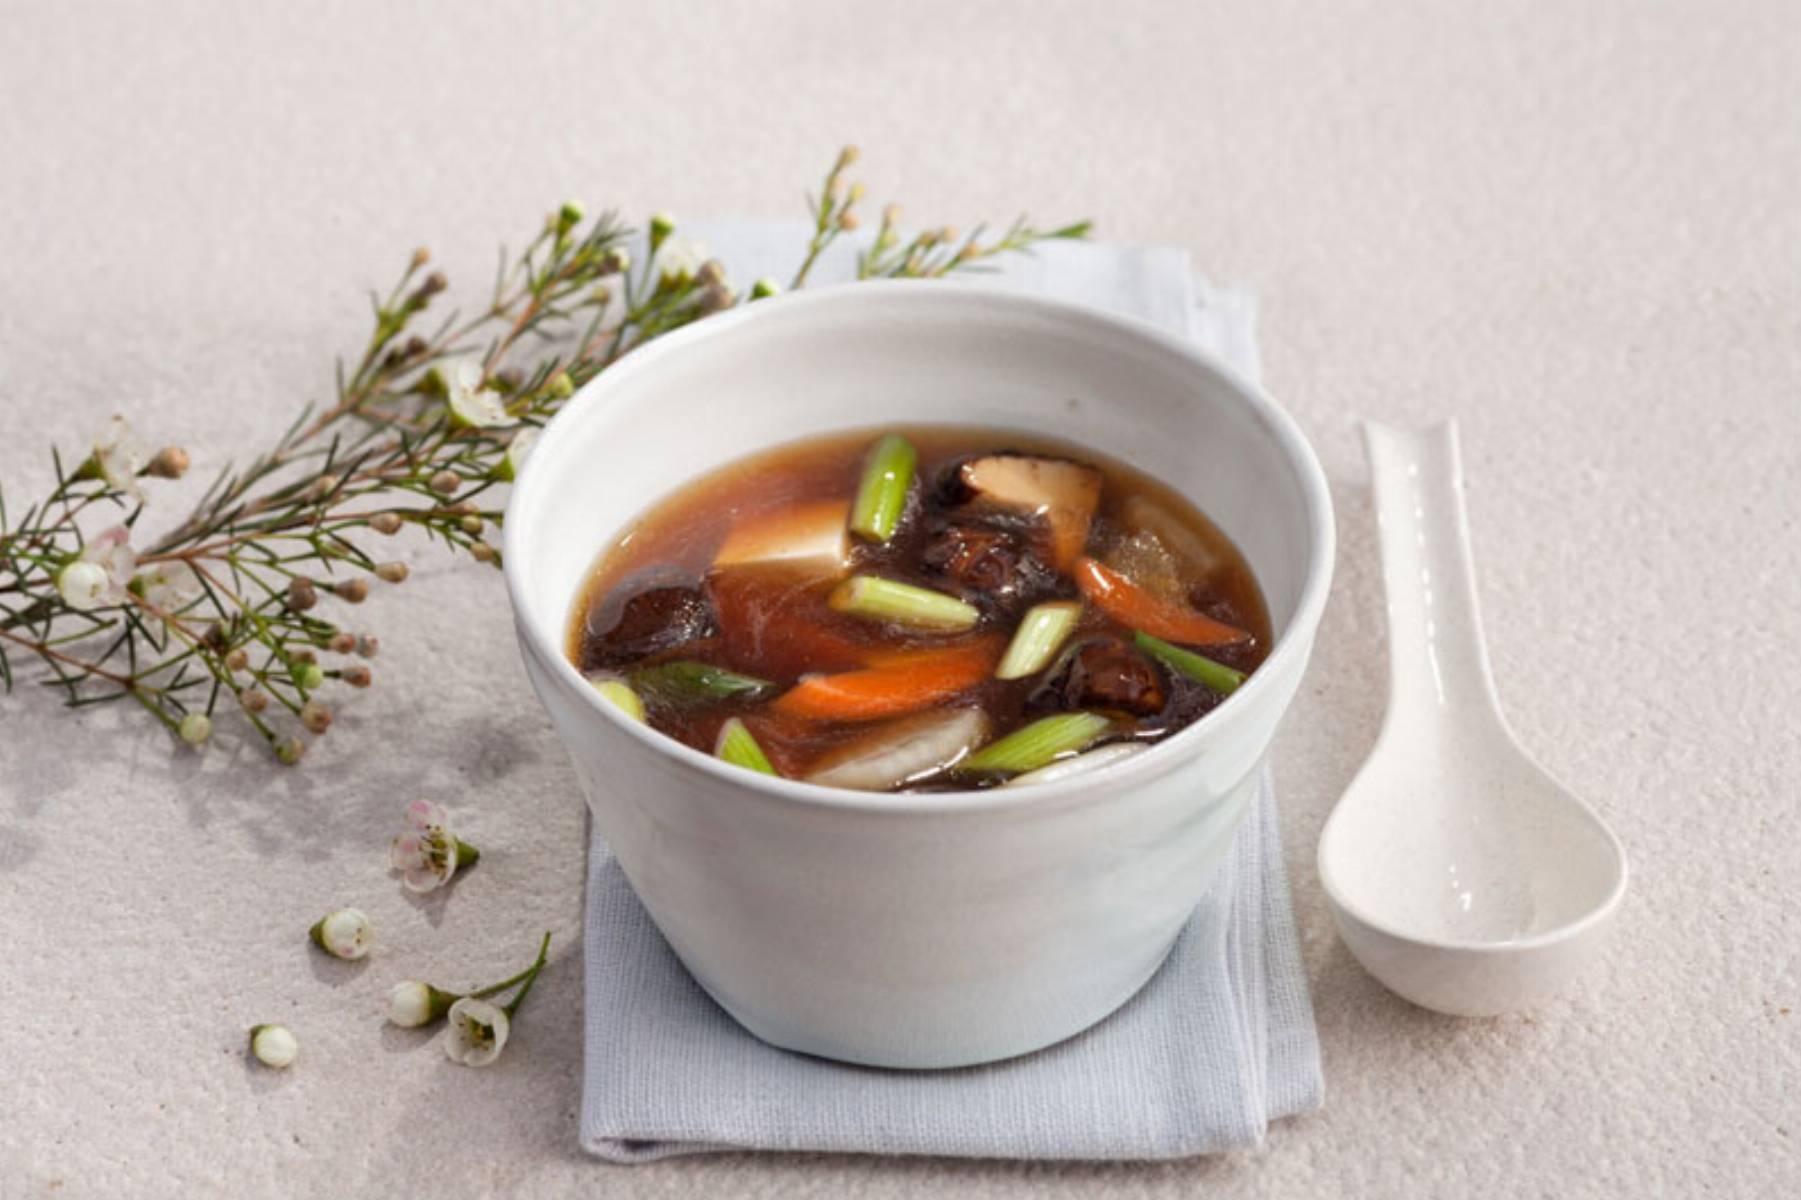 Składniki na danie: Japońska zupa jarzynowa – Kenchinjiru